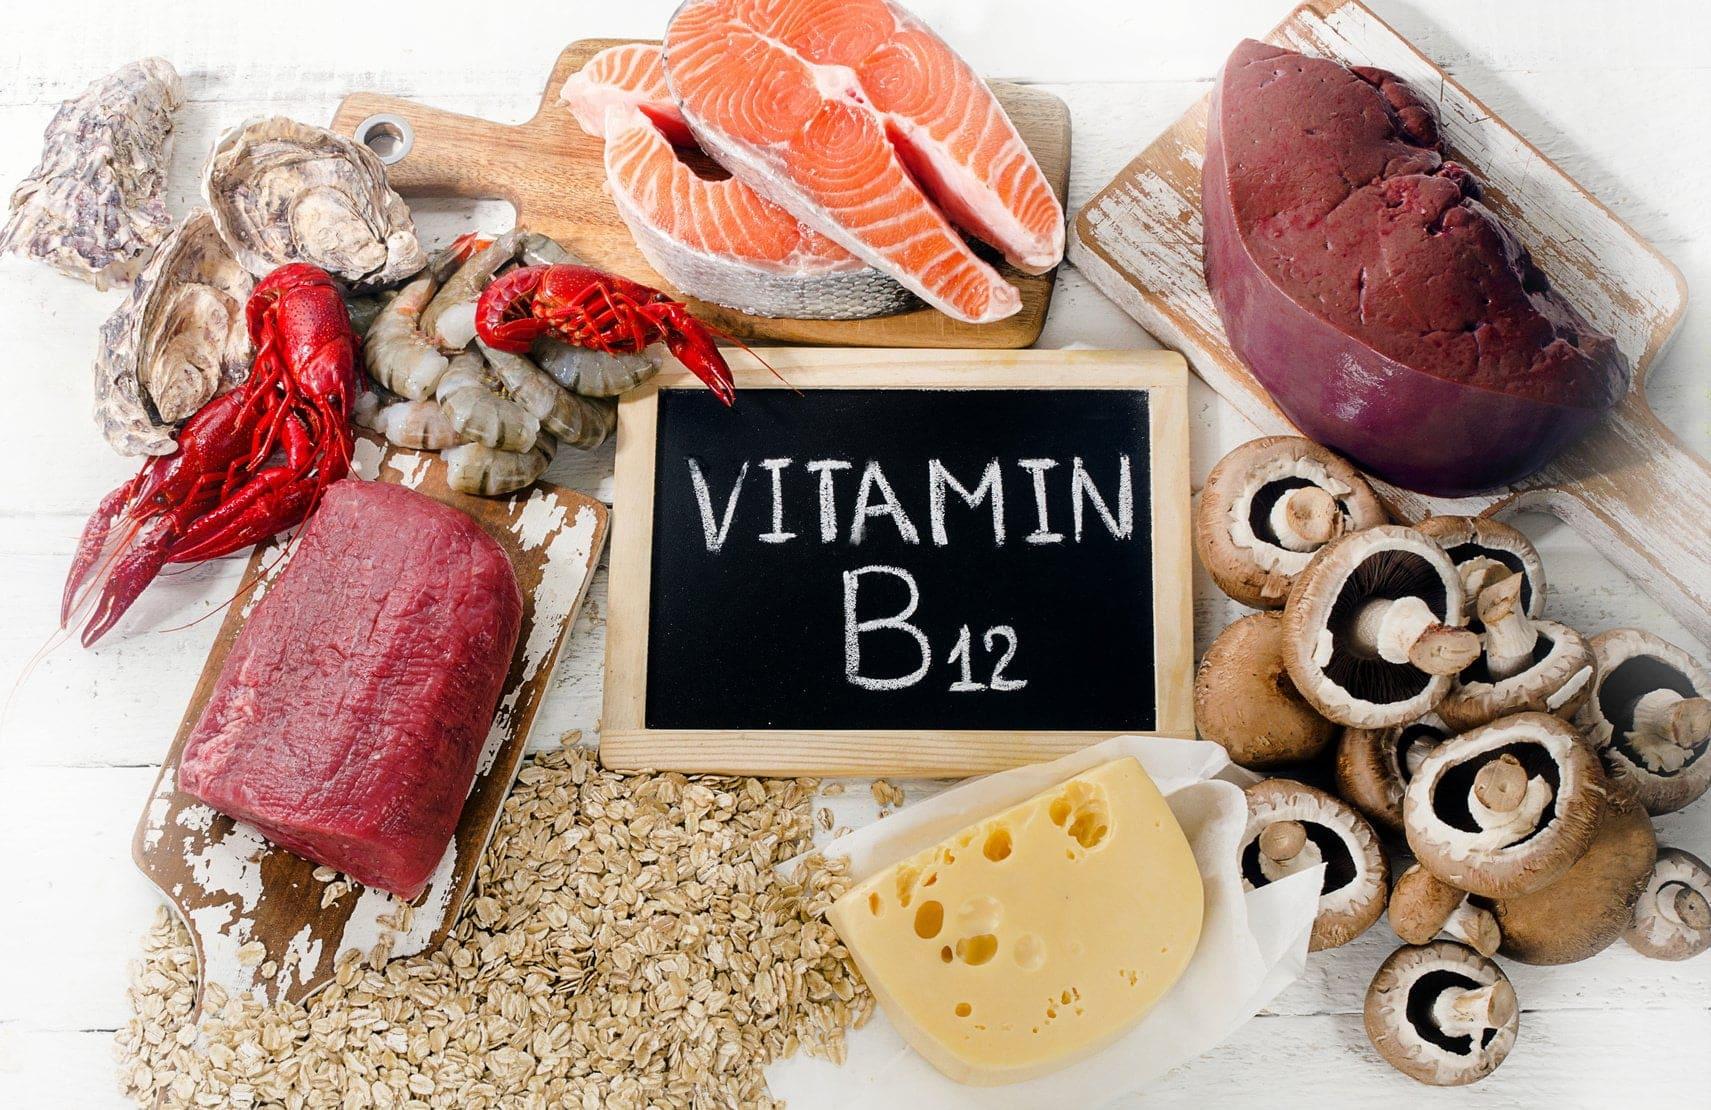 B12 Vitamini Nedir? B12 Vitamin Eksikliği Belirtileri Nelerdir?